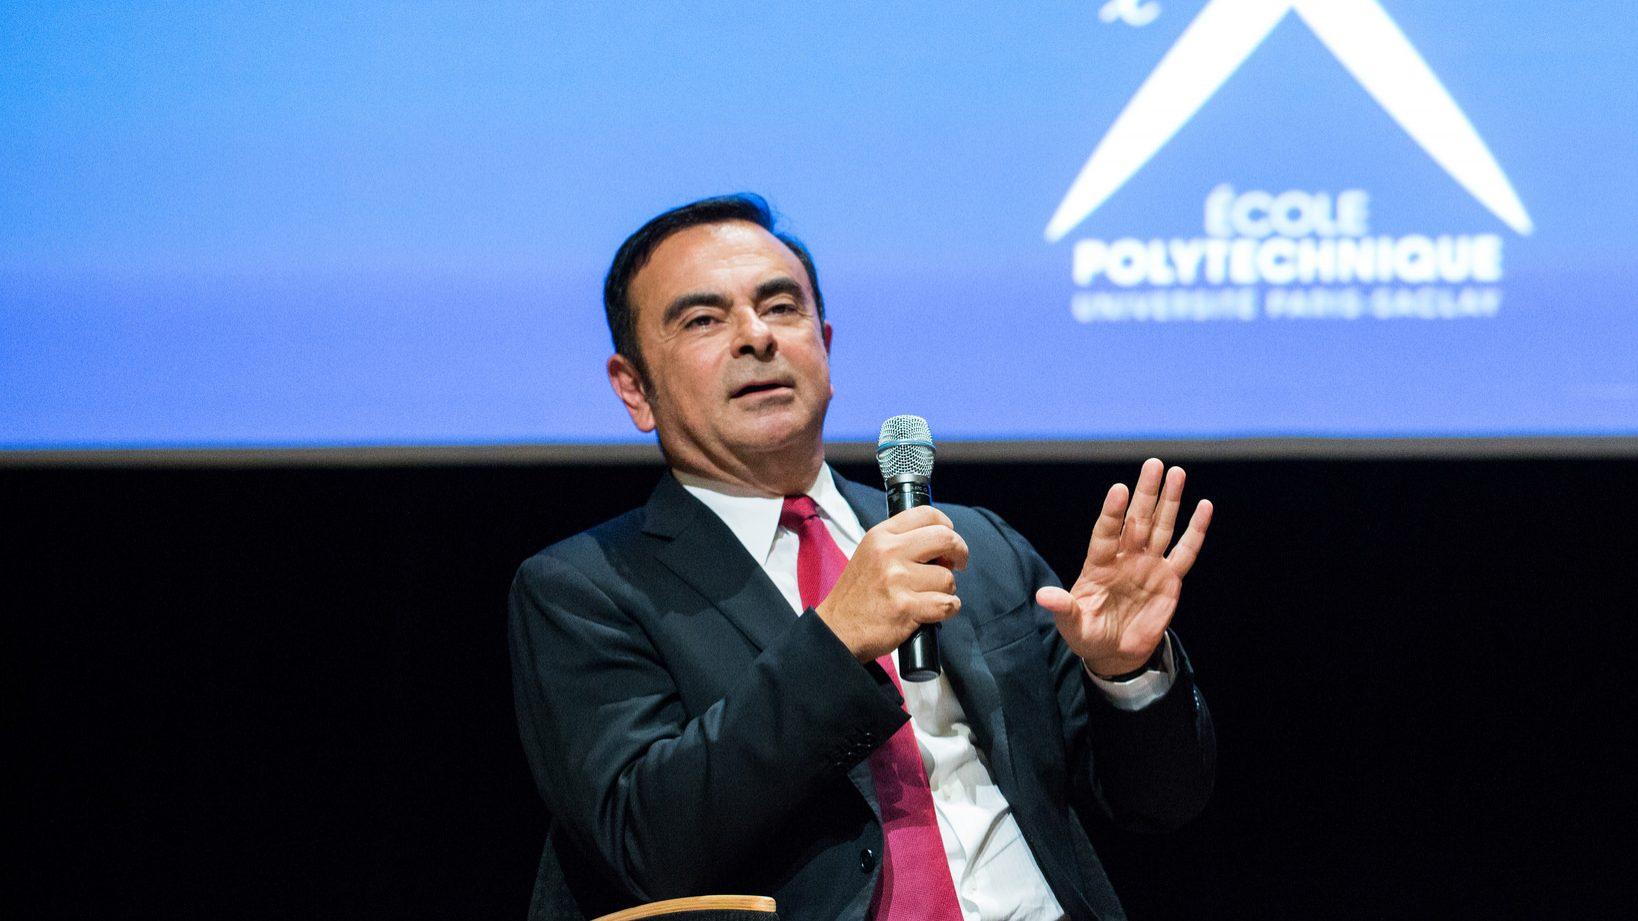 França e Japão defendem aliança entre Renault e Nissan após detenção de Ghosn